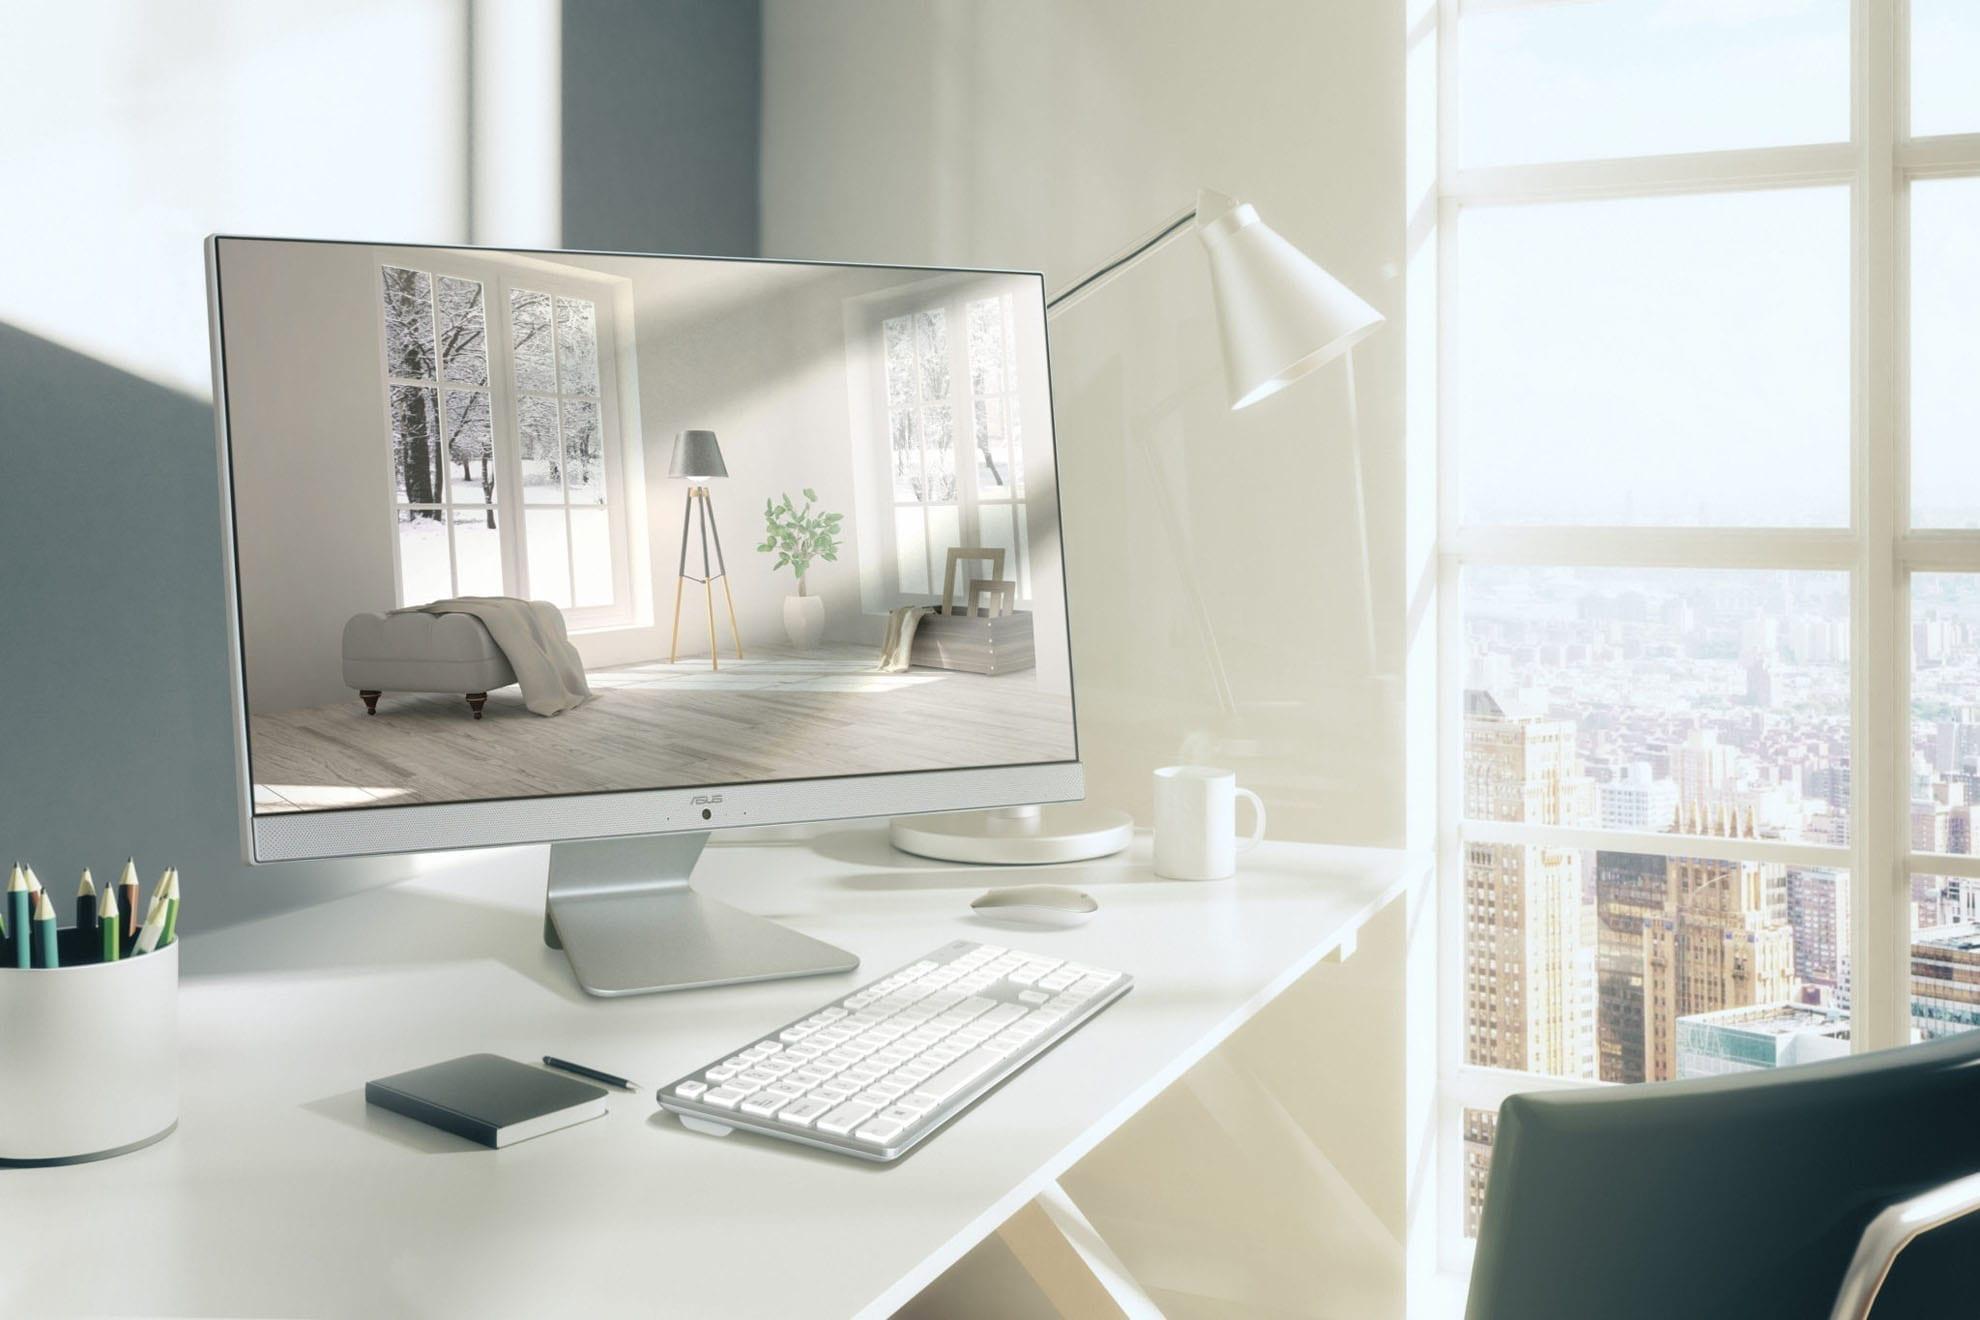 Asus Vivo AiO M241 3 scaled 1 - ASUS prezintă o nouă soluție All-in-One pentru birou și acasă: o experiență de divertisment foarte bună cu noul Vivo AiO M241